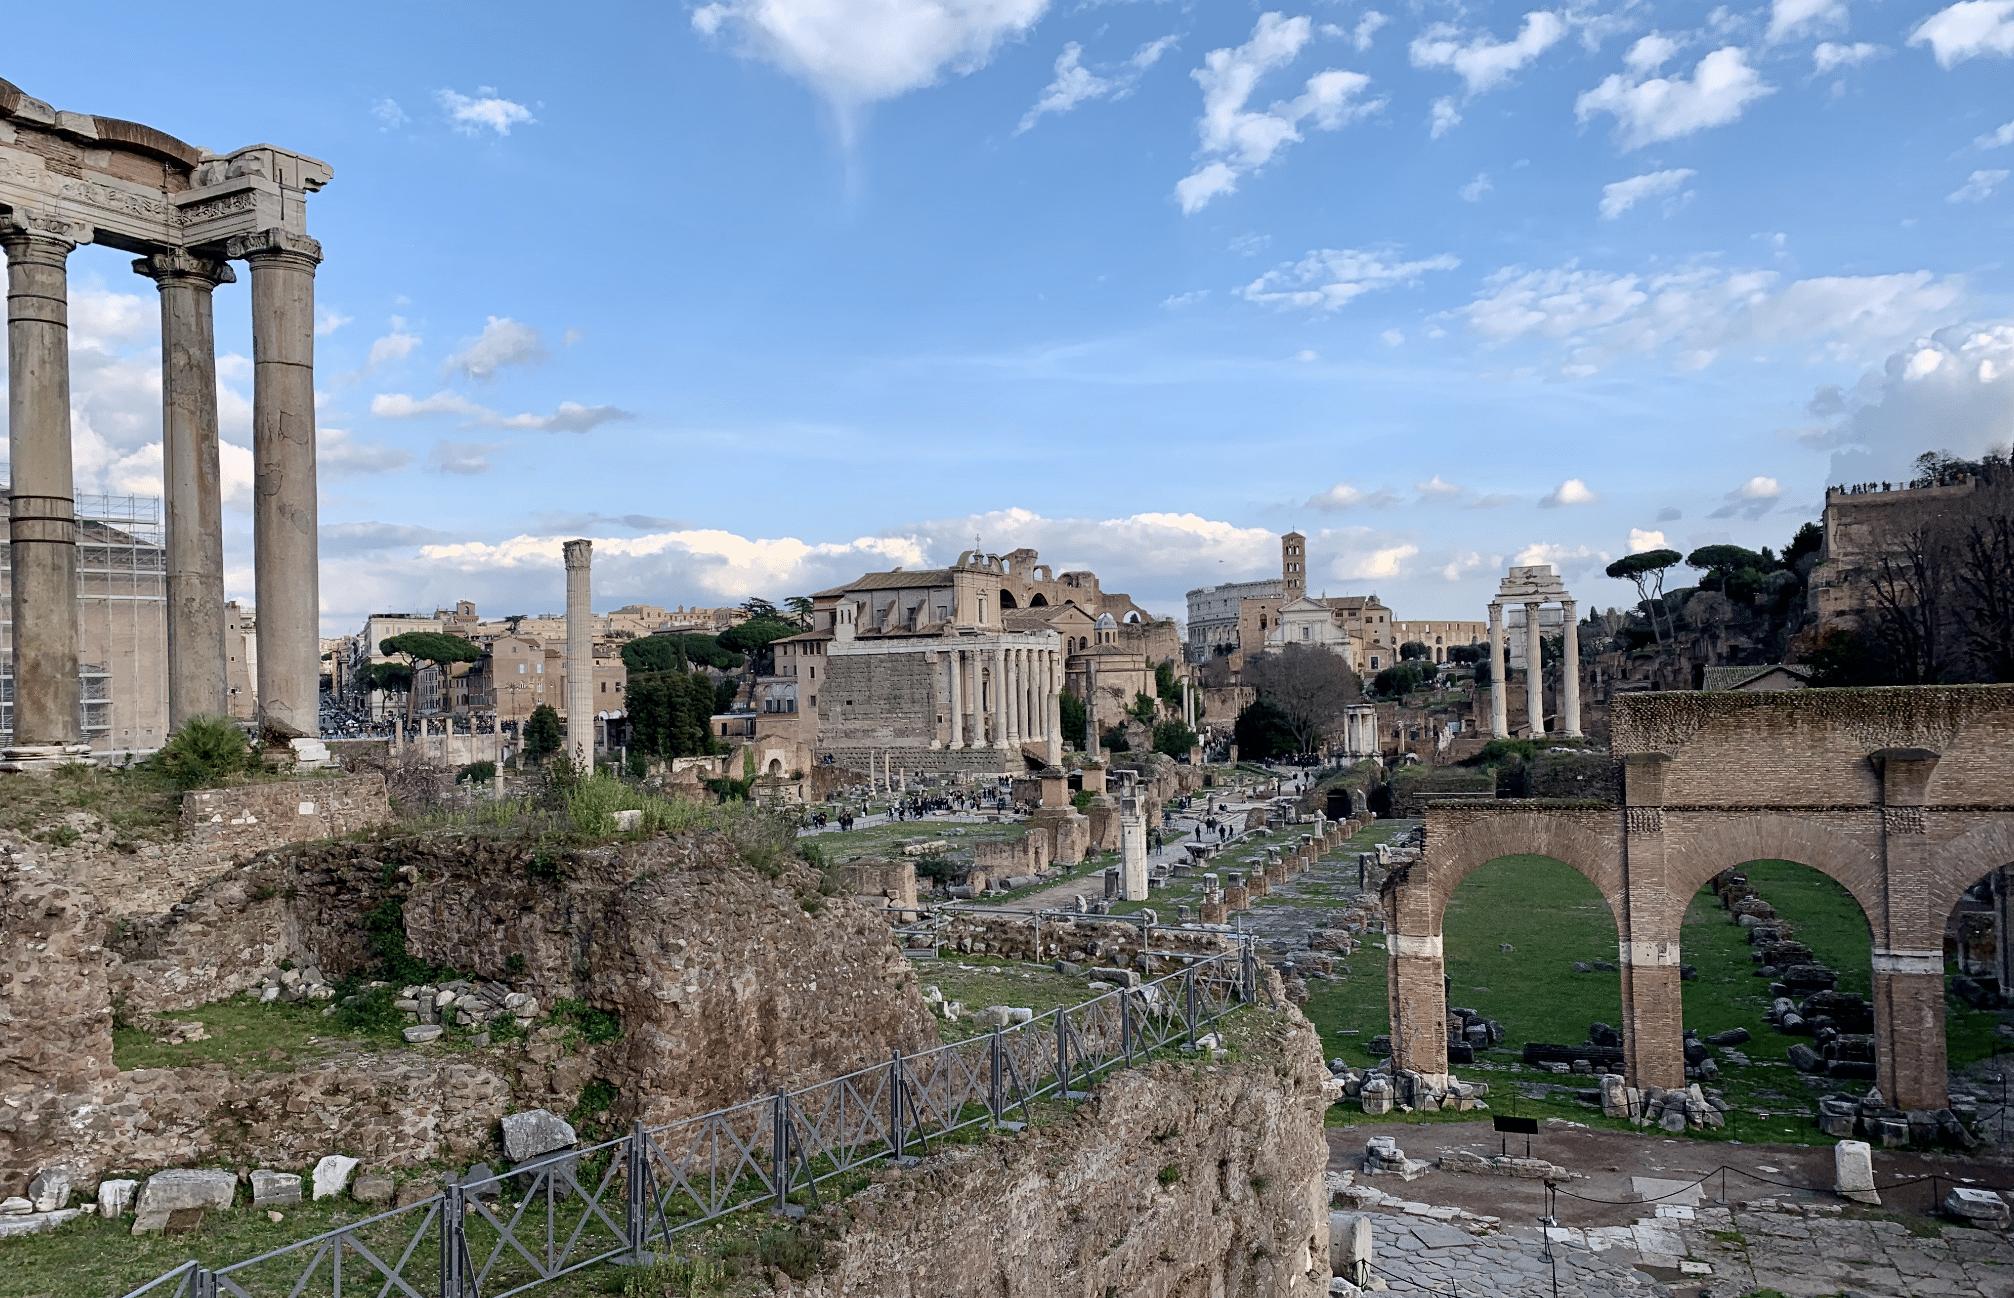 visiter rome : le forum romain